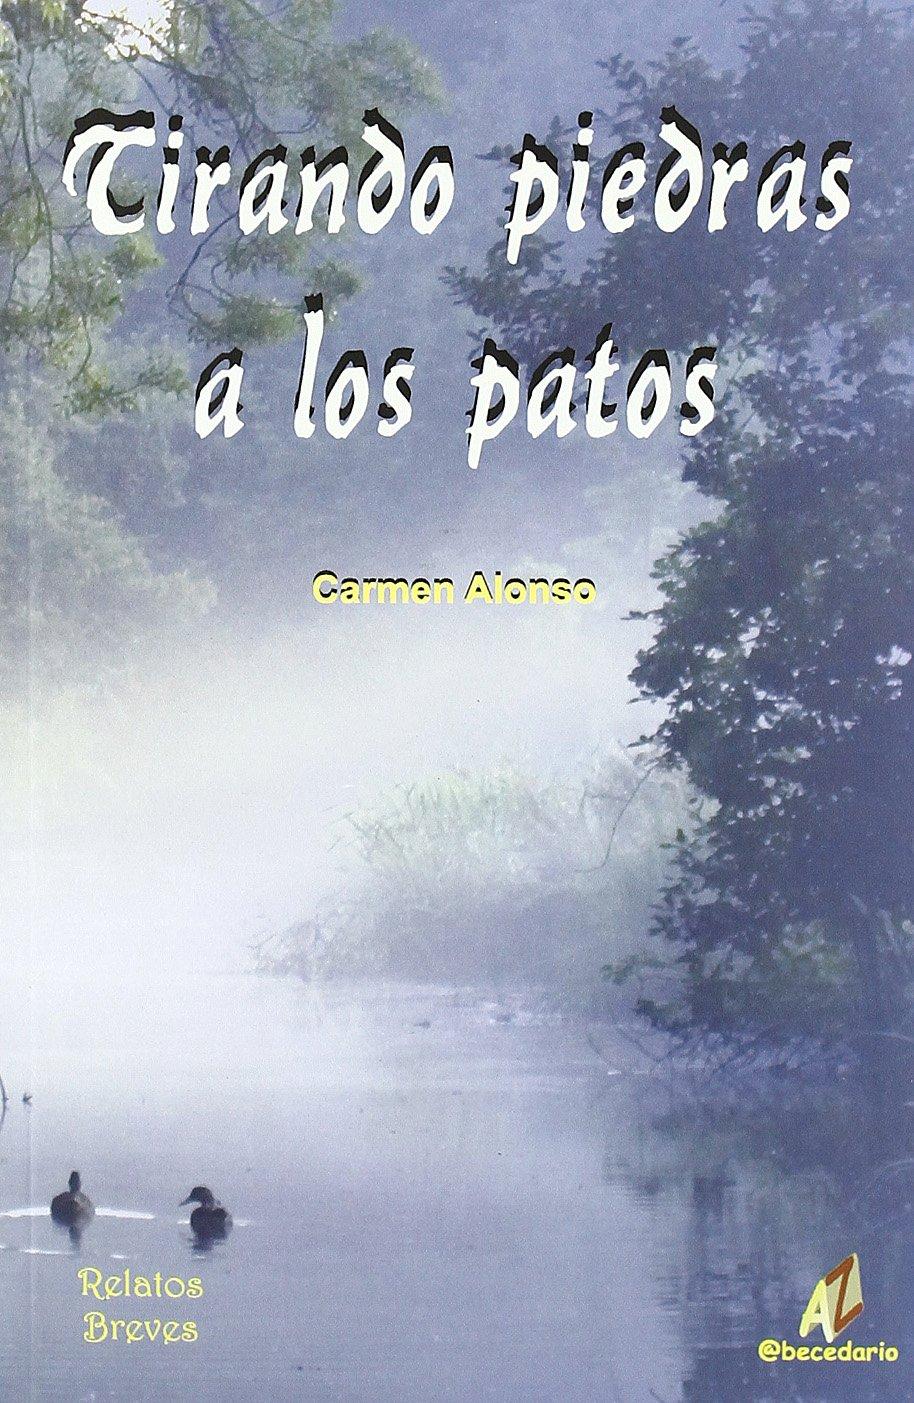 Tirando Piedras a los Patos: Carmen Alonso Núñez: 9788496560932: Amazon.com: Books